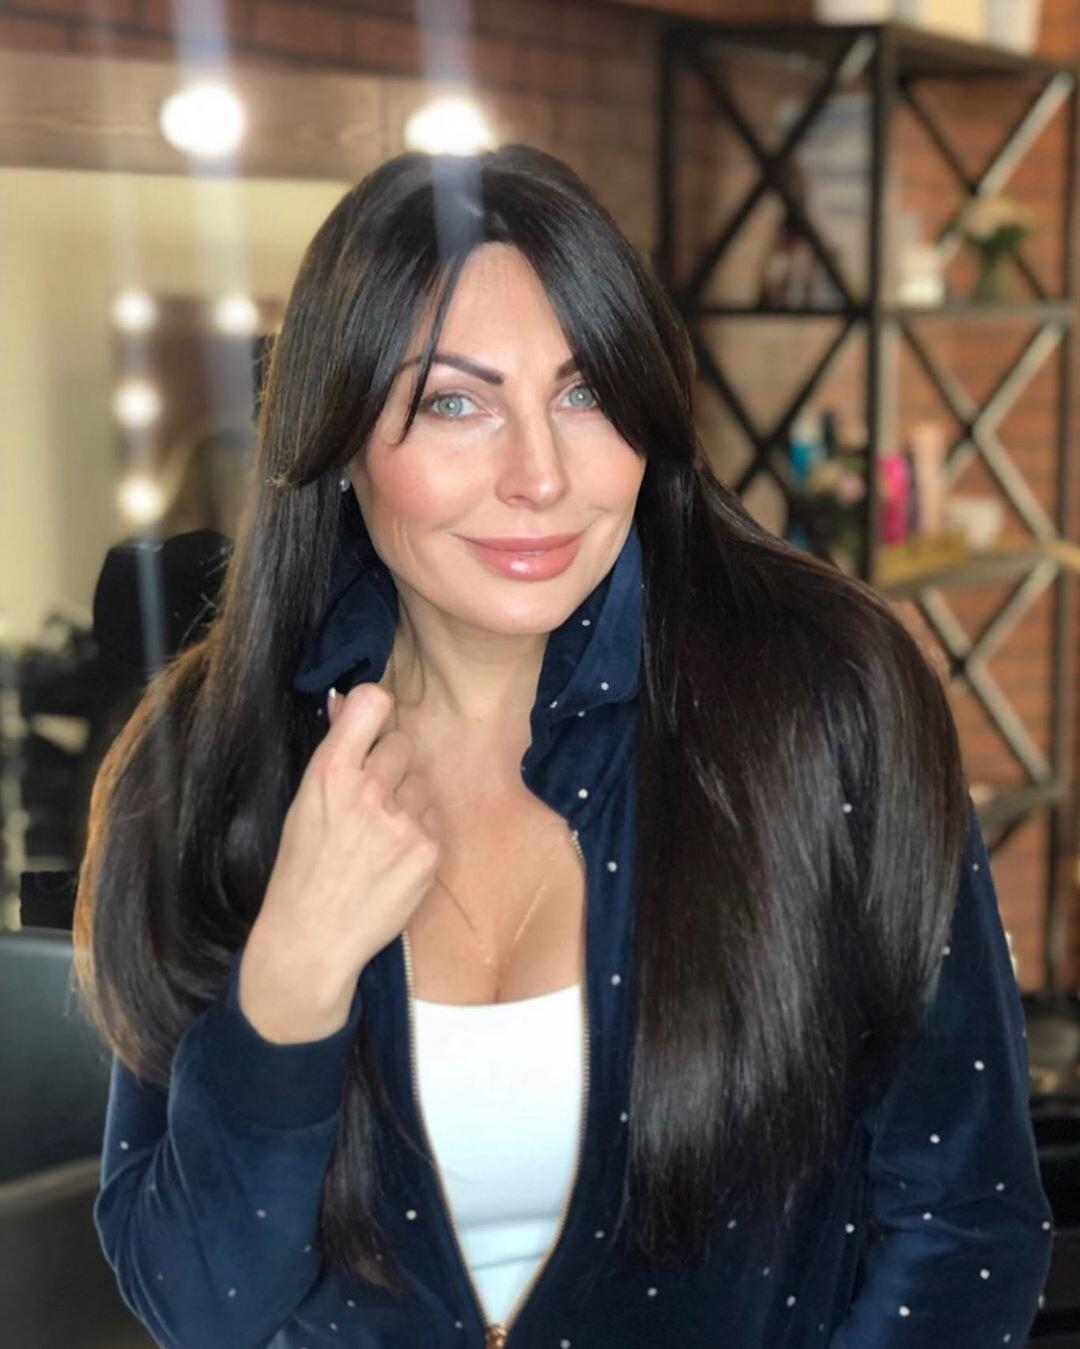 «Гениальная версия пиара»: Наталья Бочкарева прокомментировала скандал с наркотиками